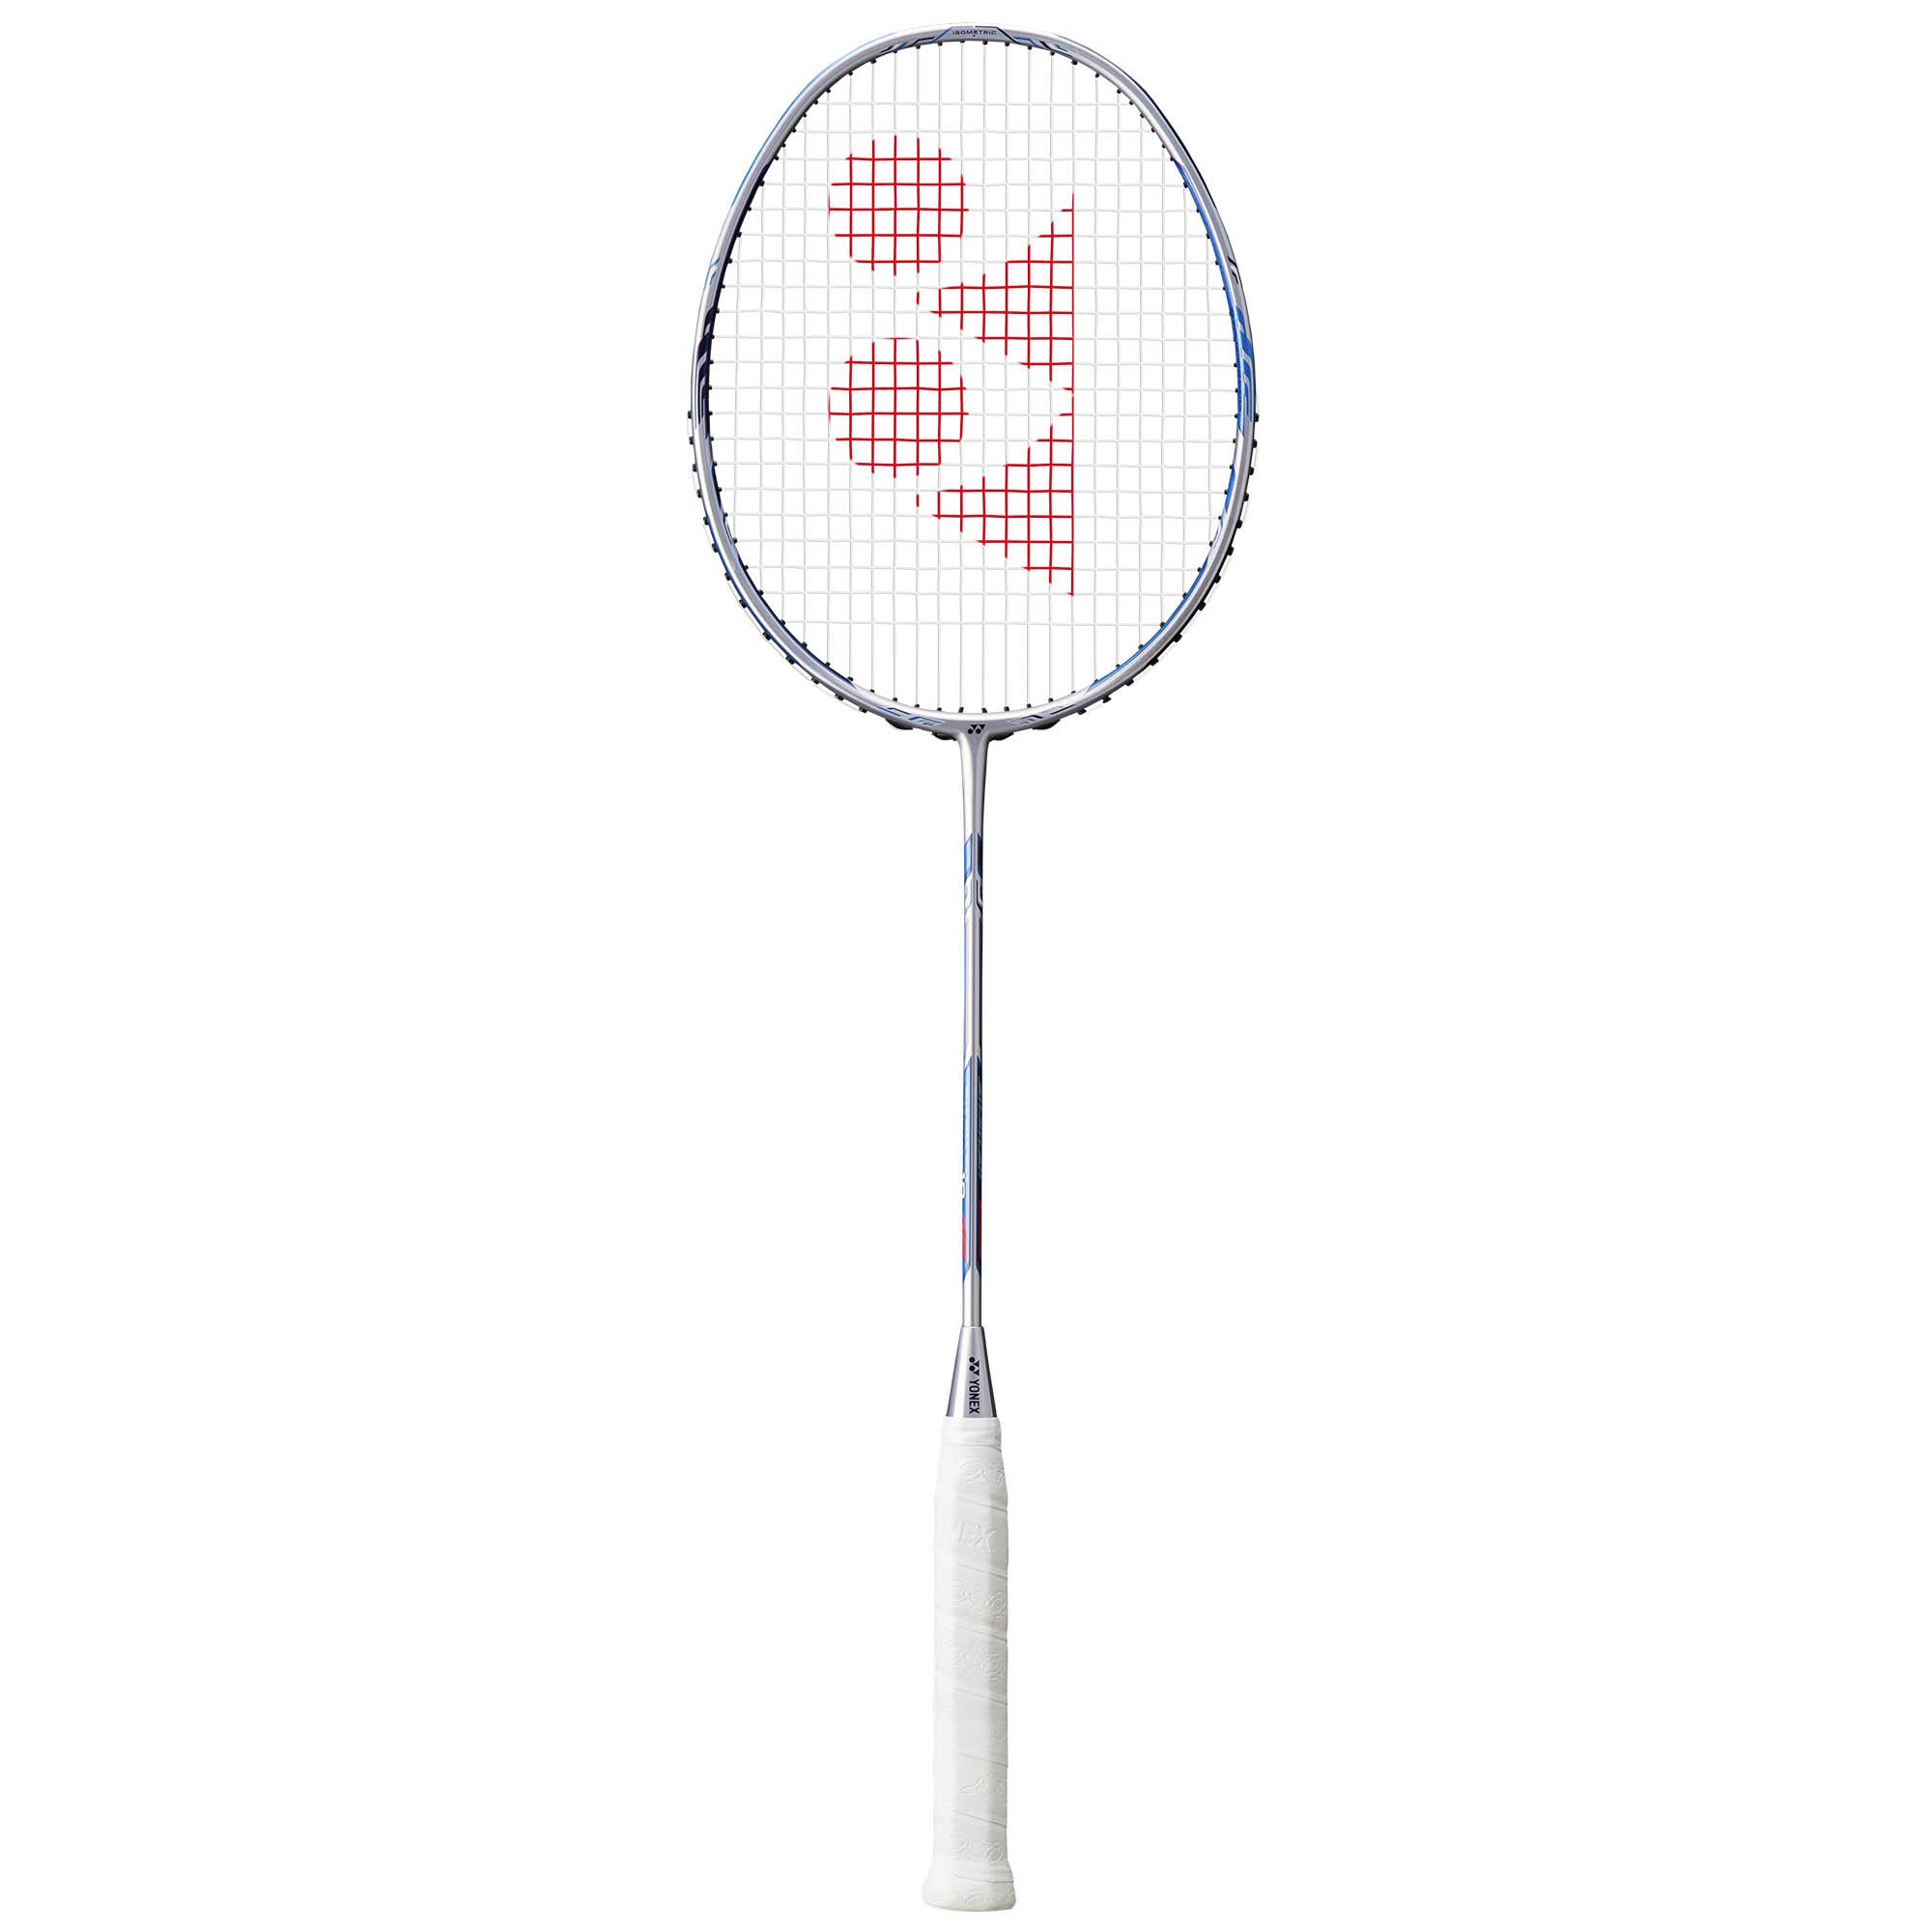 Yonex Duora 10 LV Lee Chong Wei Badminton Racket  Blue